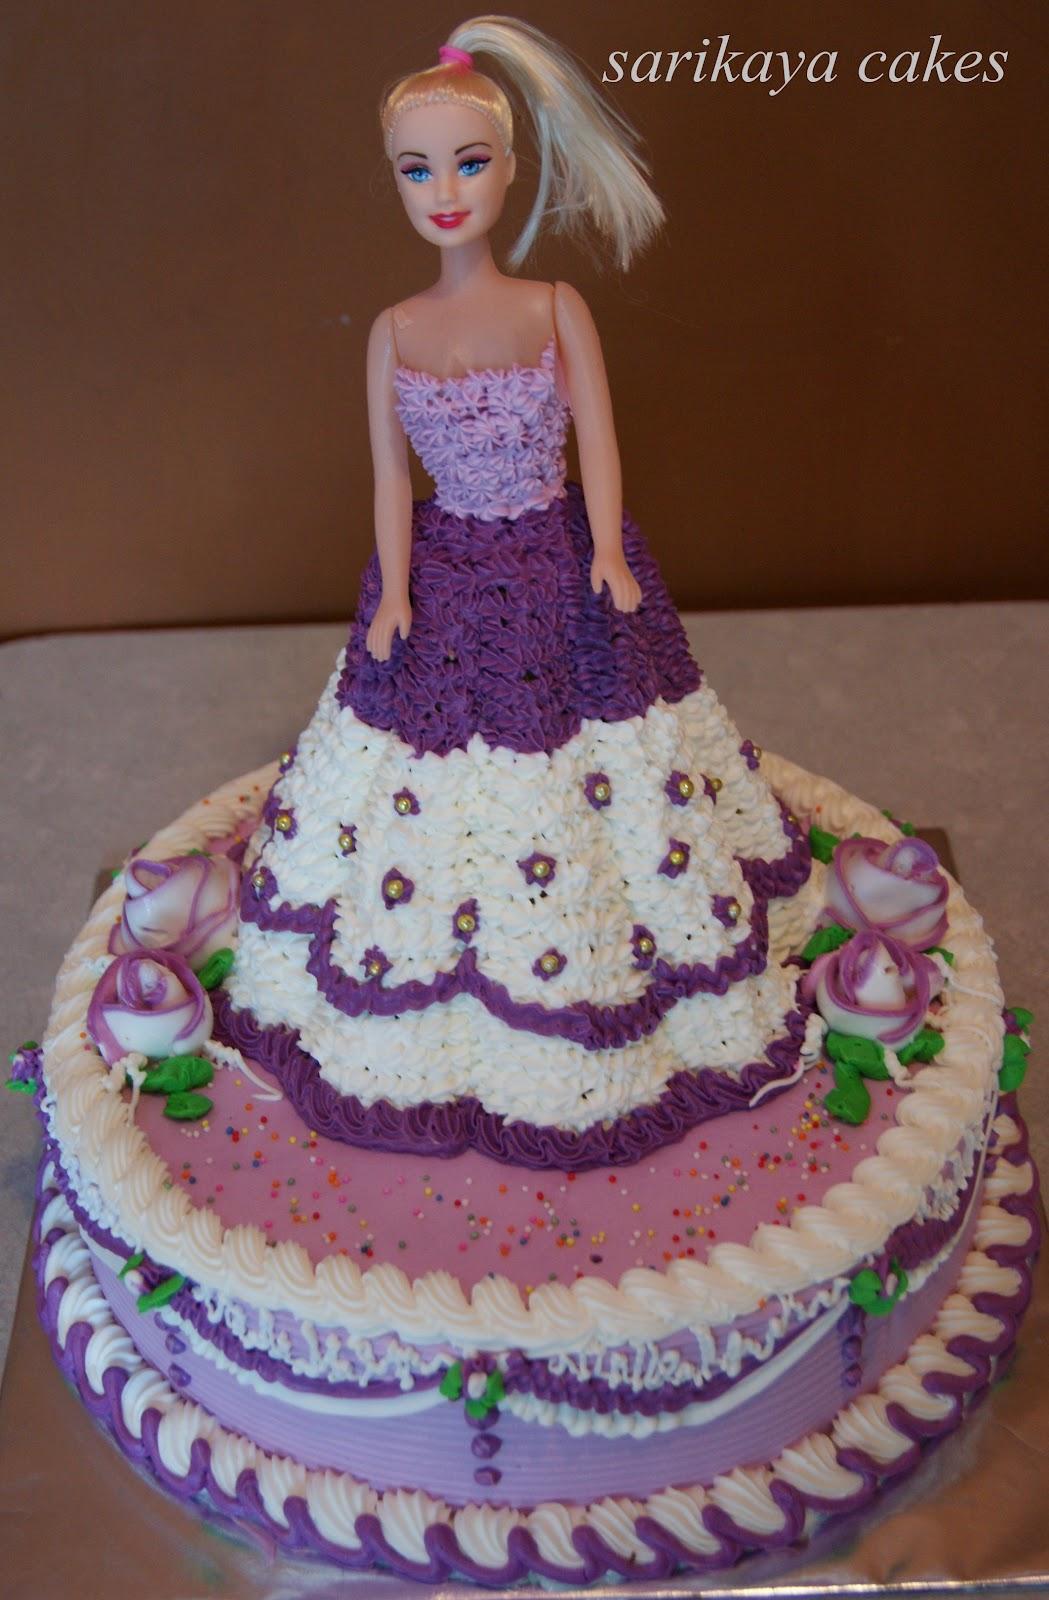 Images Kue Ulang Tahun : sarikaya cakes: KUE ULANG TAHUN BARBIE BY SARIKAYA CAKES